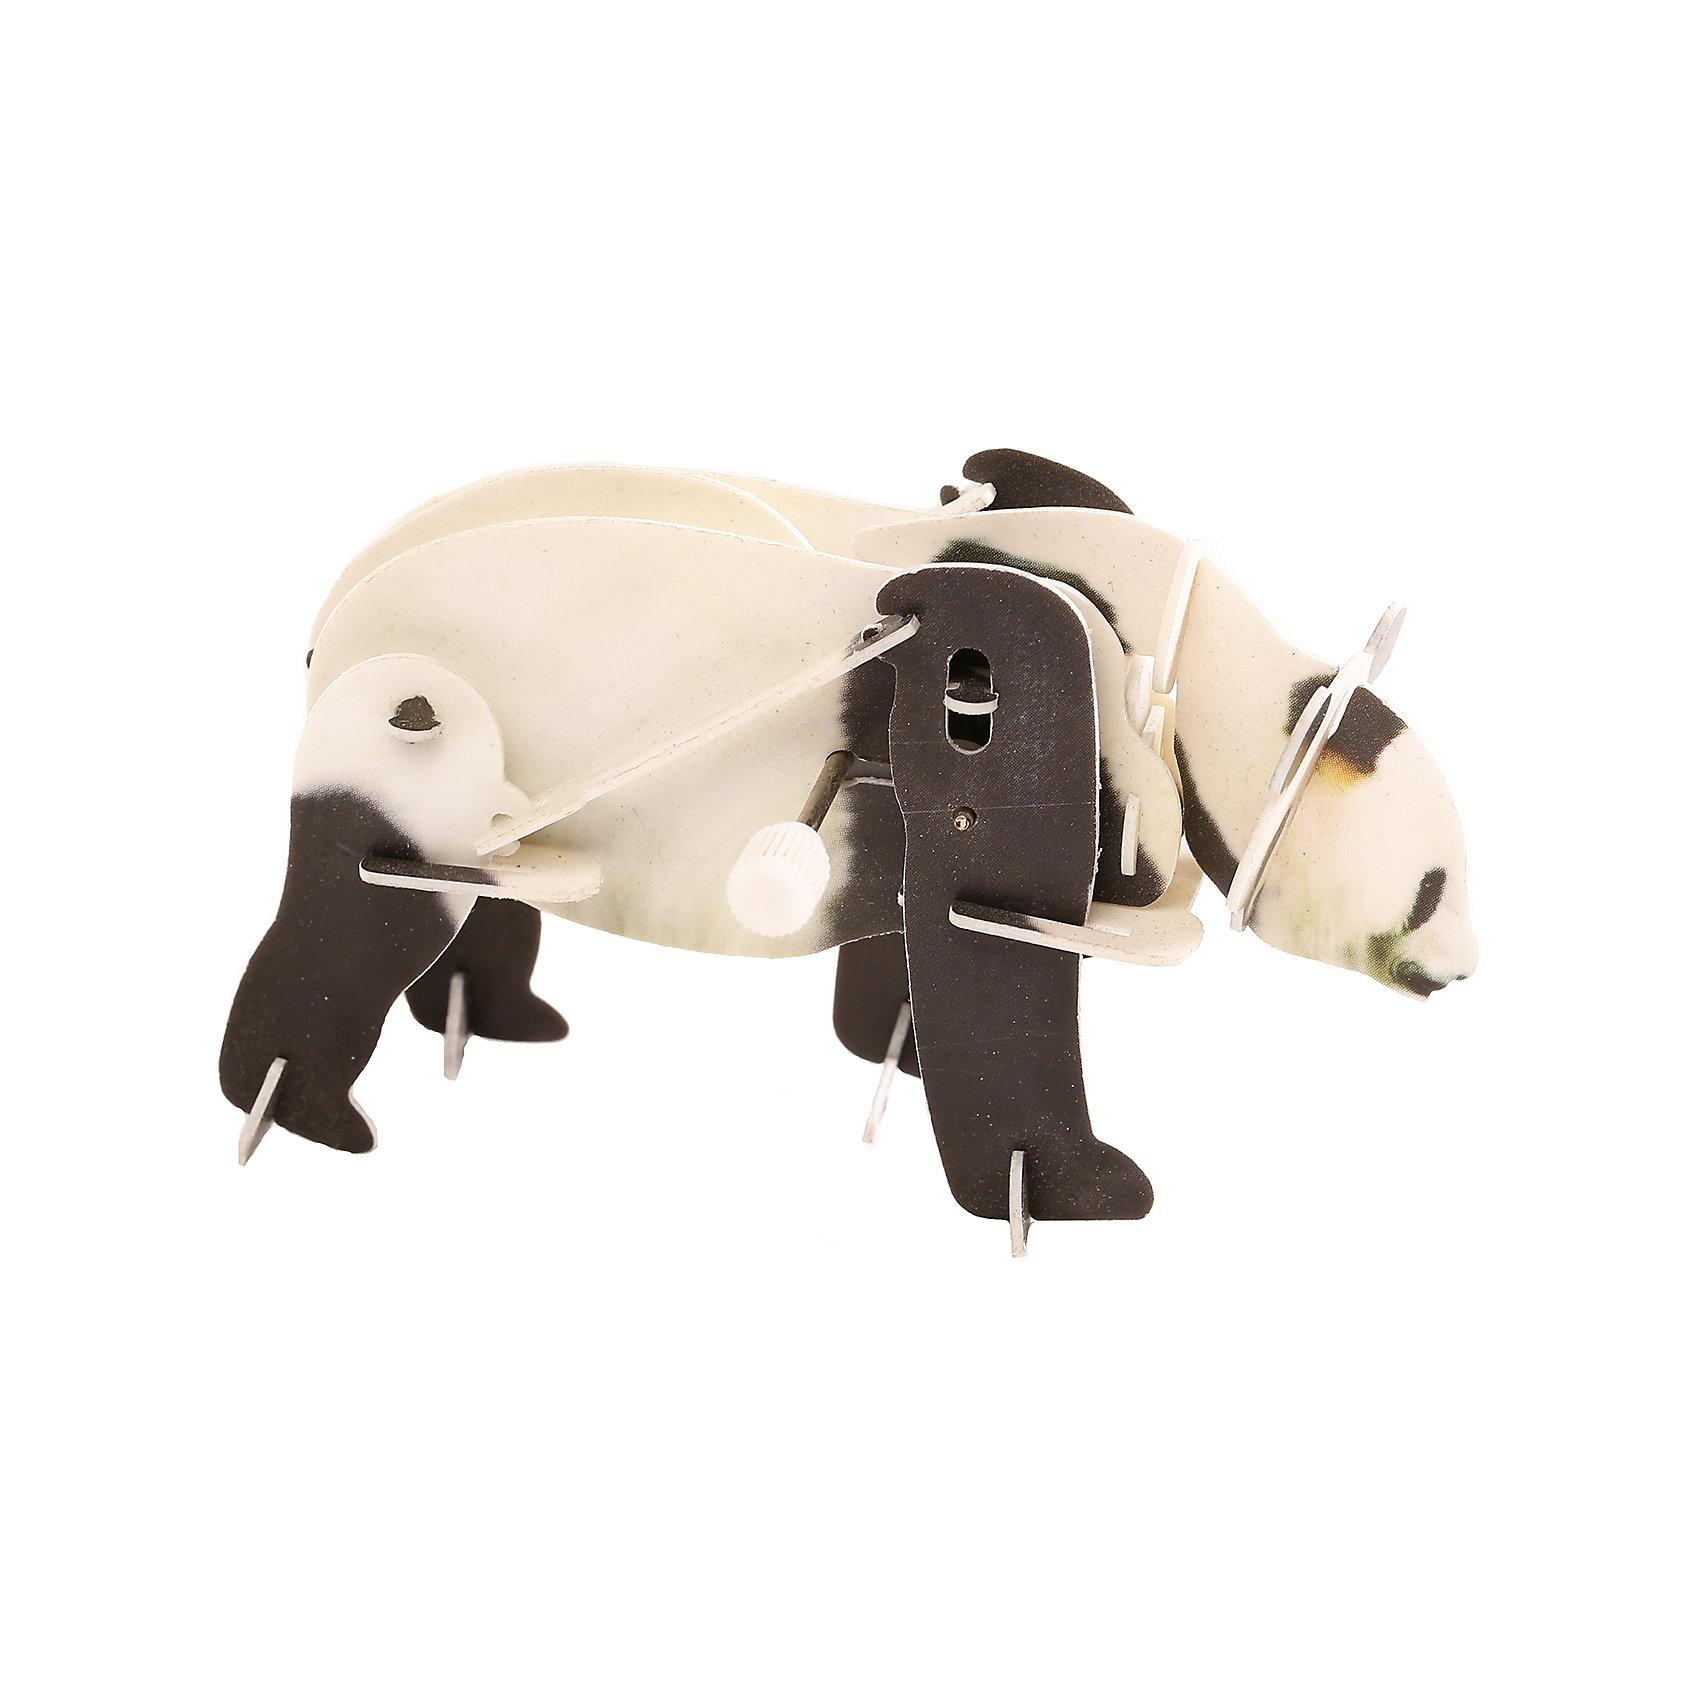 Конструктор – 3D пазл заводной: Панда, UF3D пазлы<br>Интересная развивающая активность – сборка объемного пазла – позволит ребенку создать своими руками необычную игрушку. Особенность этой игрушки в том, что 3D-пазл оснащается специальным заводным механизмом. Благодаря ему объемная панда способна передвигать лапами, ходить, словно настоящая. Сборка осуществляется без клея. Специальные пластиковые детали нужно будет выдавить из листов, в которых они находятся, а затем соединить друг с другом, вставив в пазы.<br><br>Ширина мм: 135<br>Глубина мм: 100<br>Высота мм: 25<br>Вес г: 47<br>Возраст от месяцев: 72<br>Возраст до месяцев: 1188<br>Пол: Унисекс<br>Возраст: Детский<br>SKU: 5516764